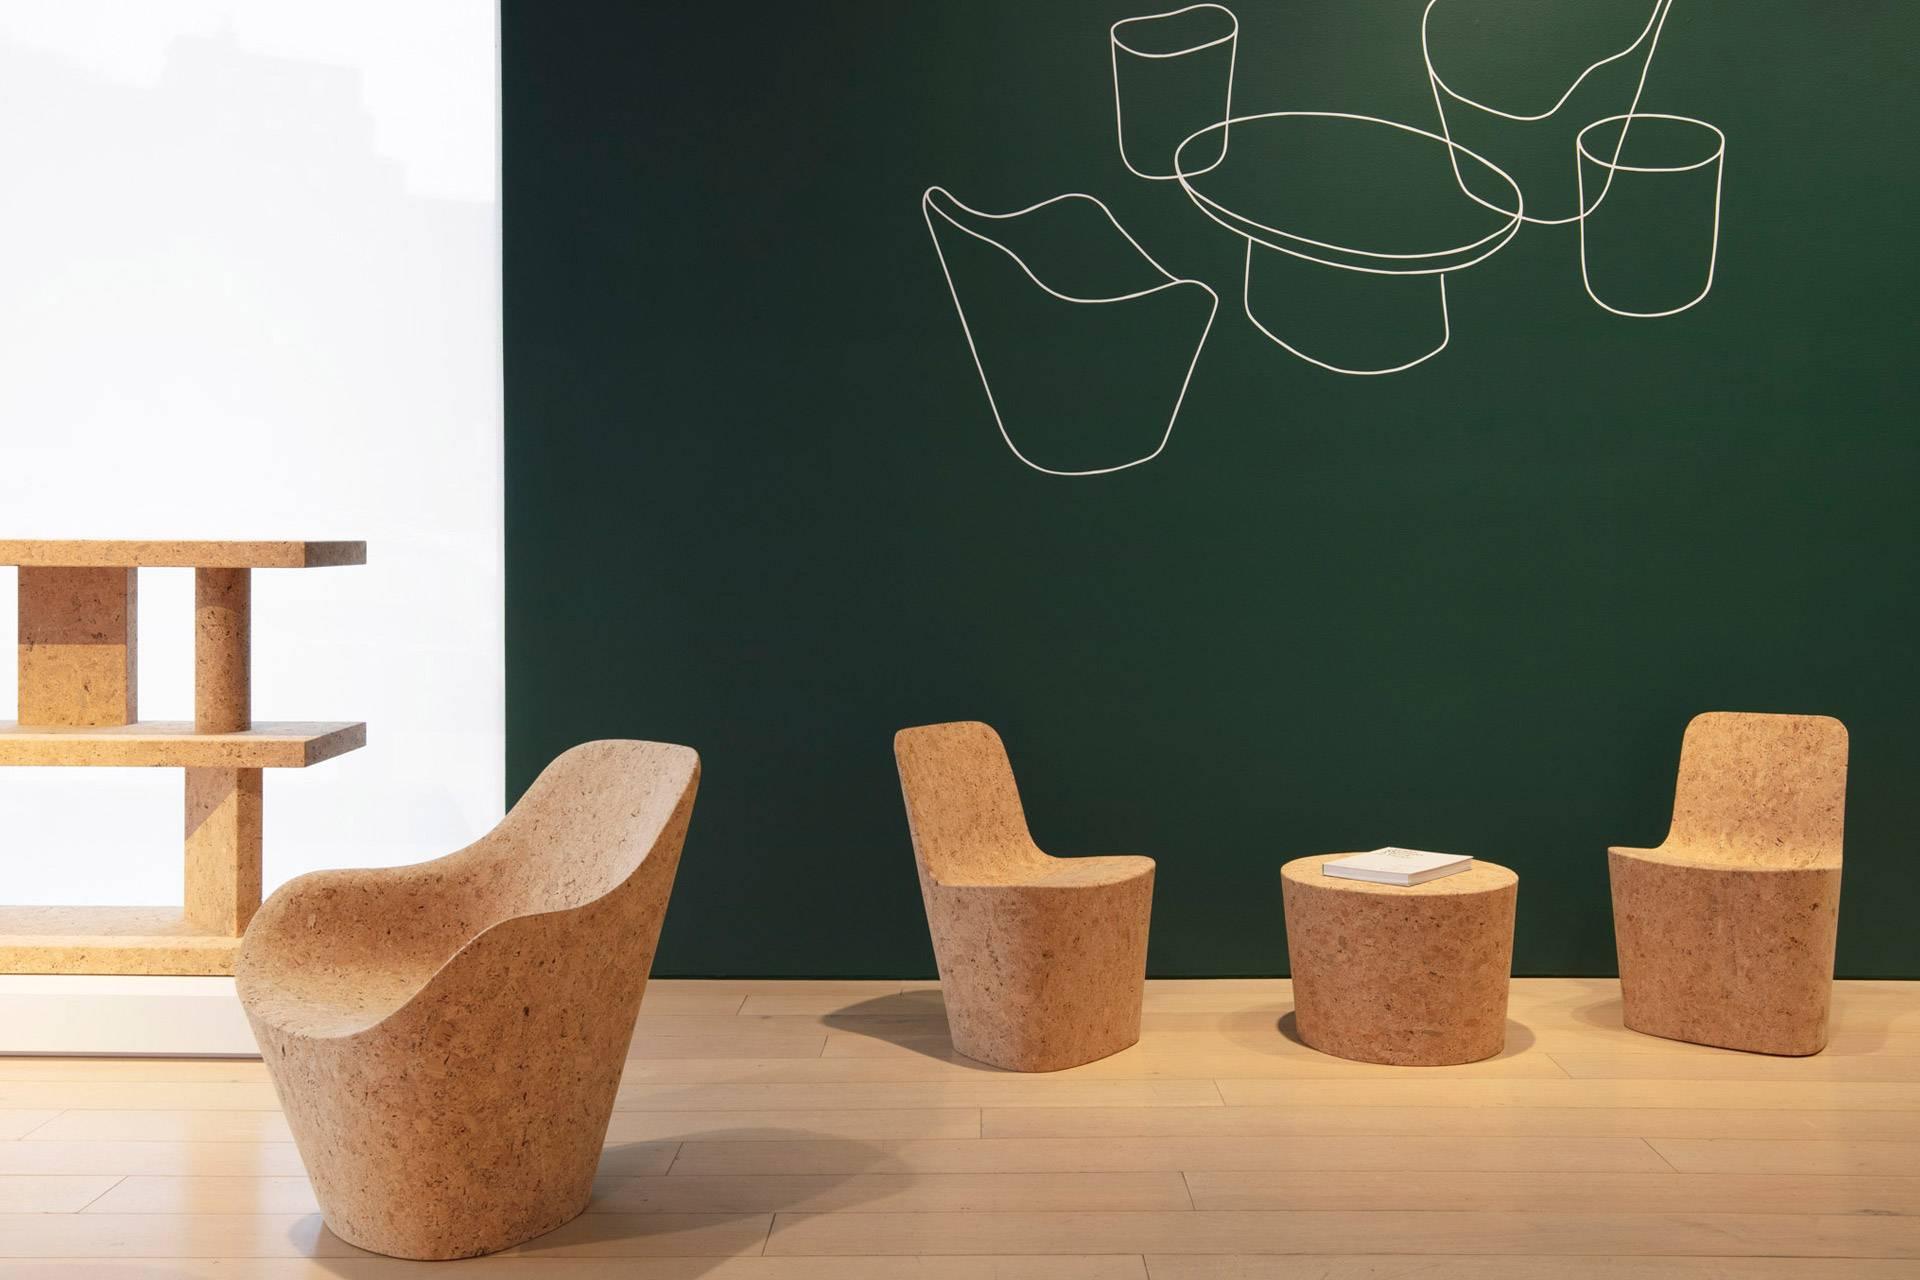 来自伦敦的极简主义设计师,打造出一整套软木家具系列